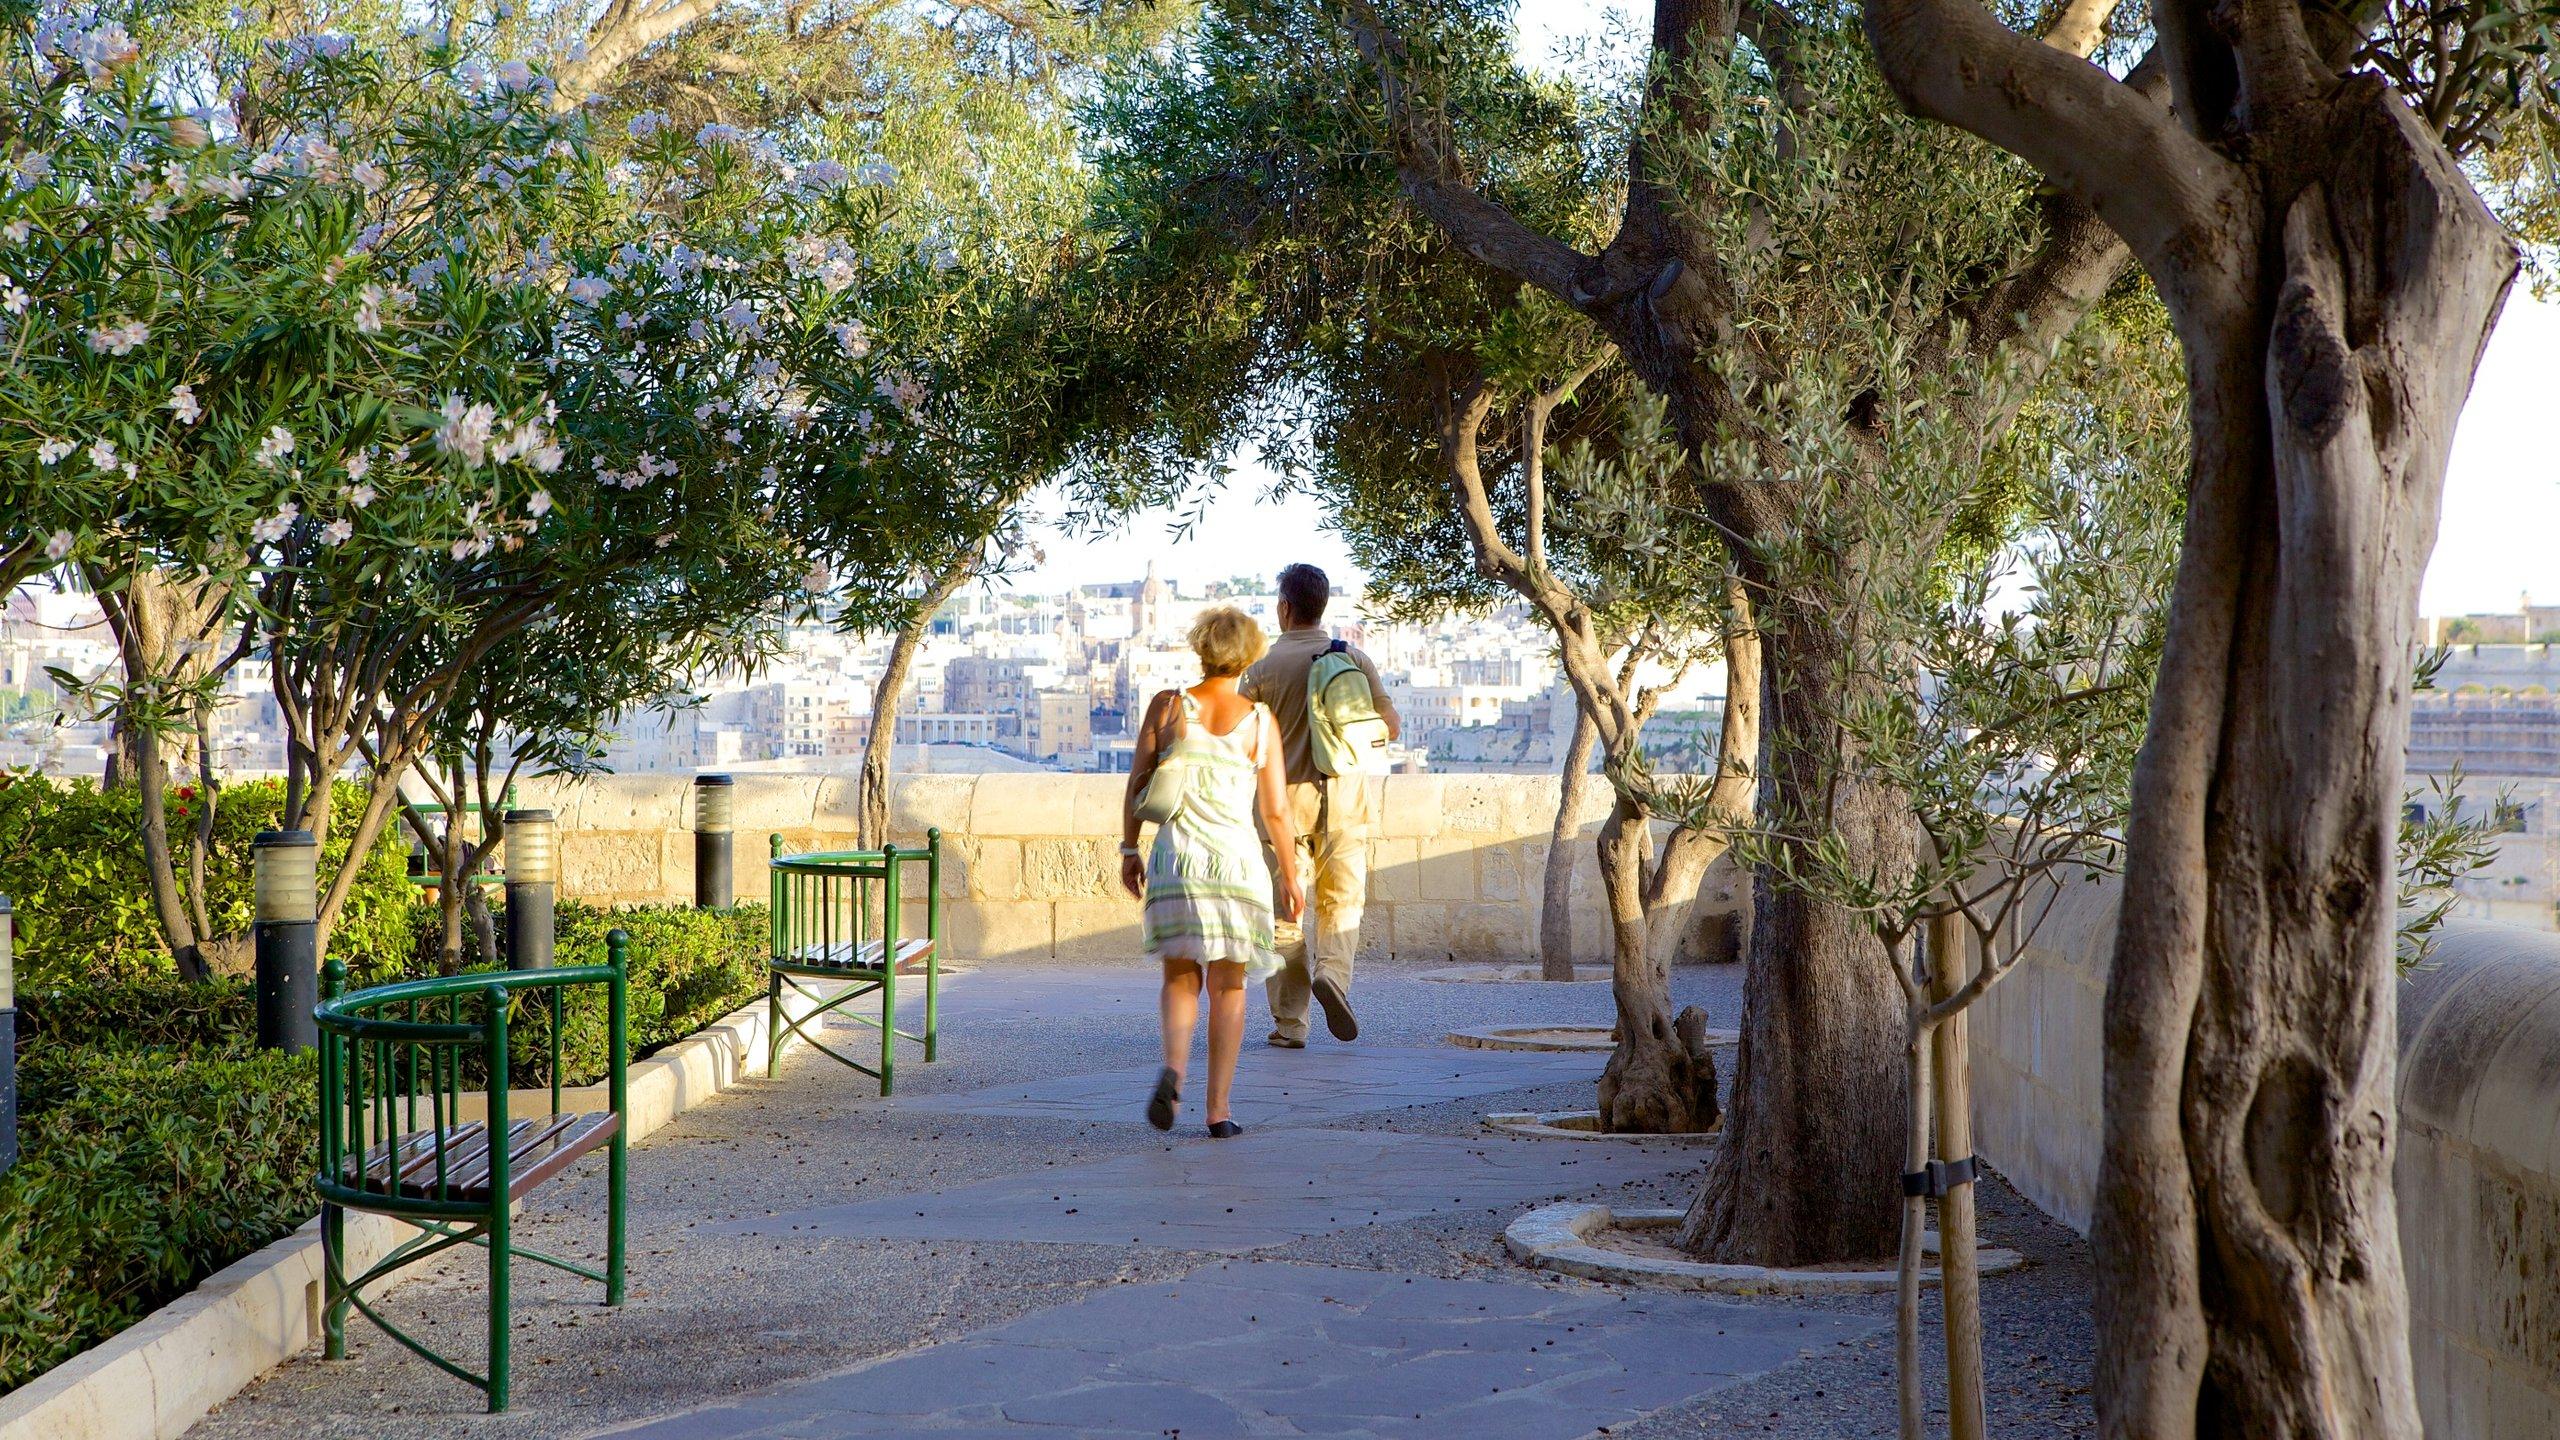 Duftende Blumen, eindrucksvolle Denkmäler und ein herrlicher Blick auf das Meer machen diese Parkanlage zu einem der schönsten Flecken Vallettas.